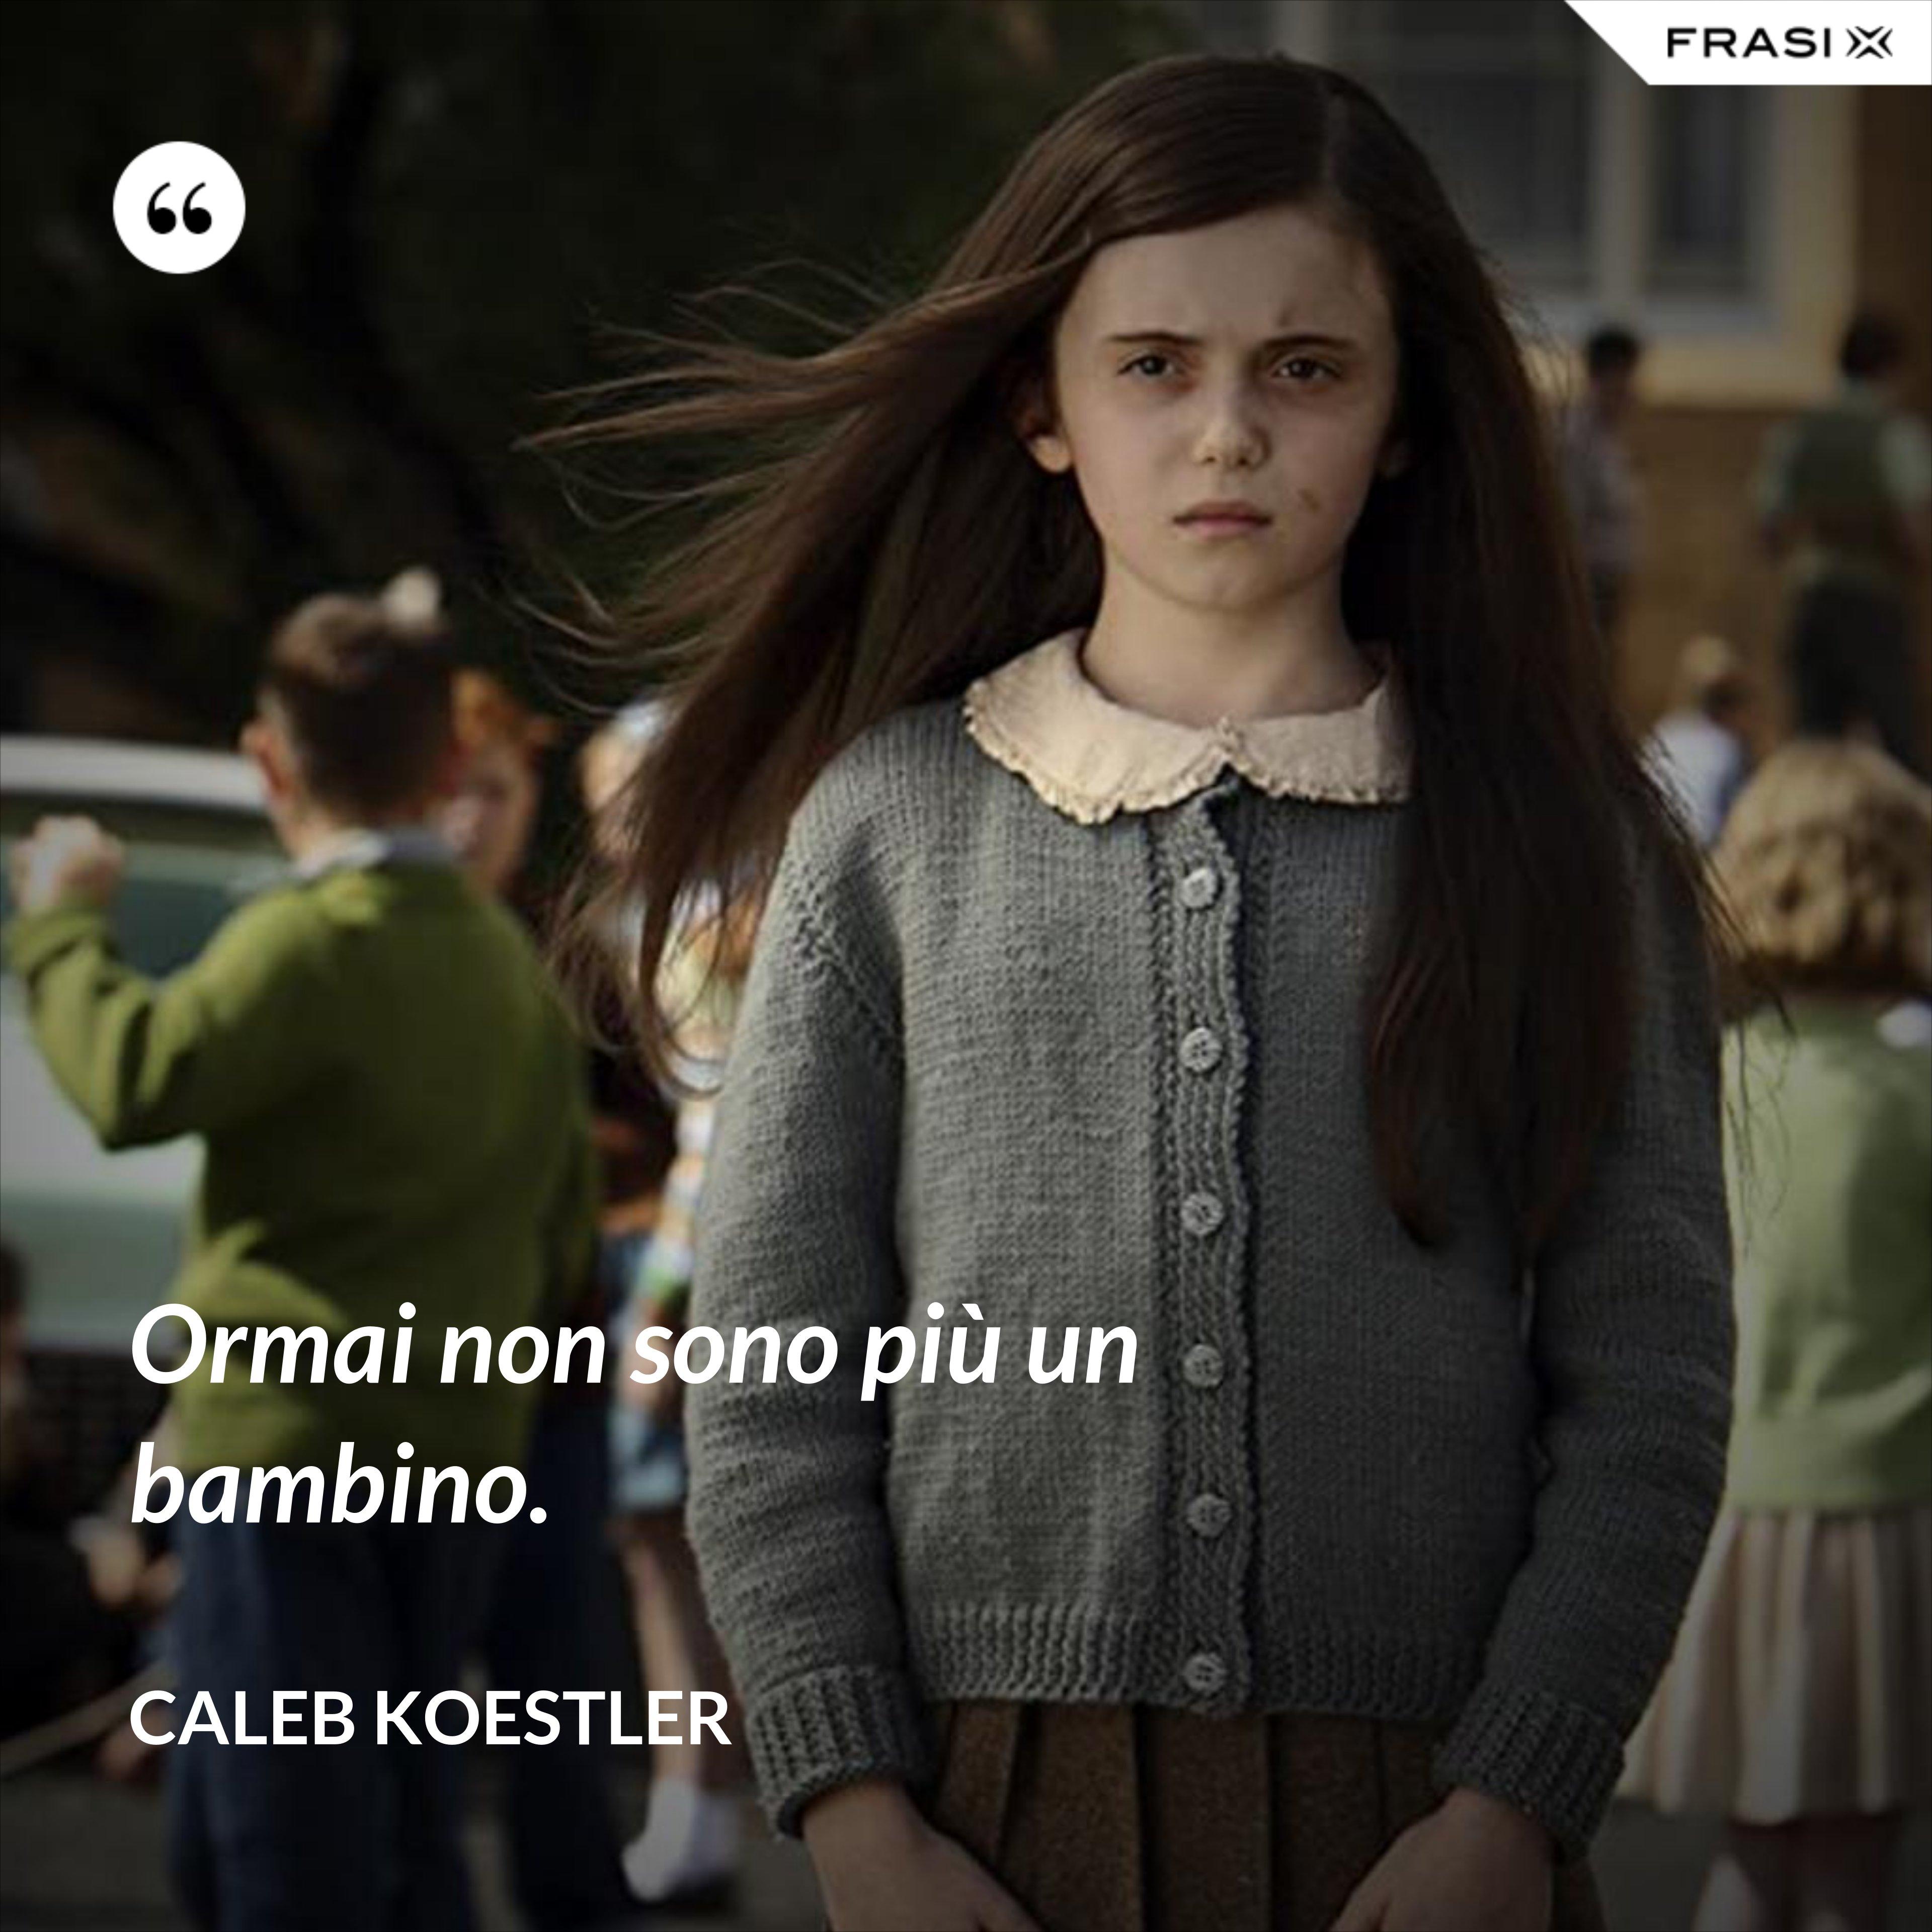 Ormai non sono più un bambino. - Caleb Koestler